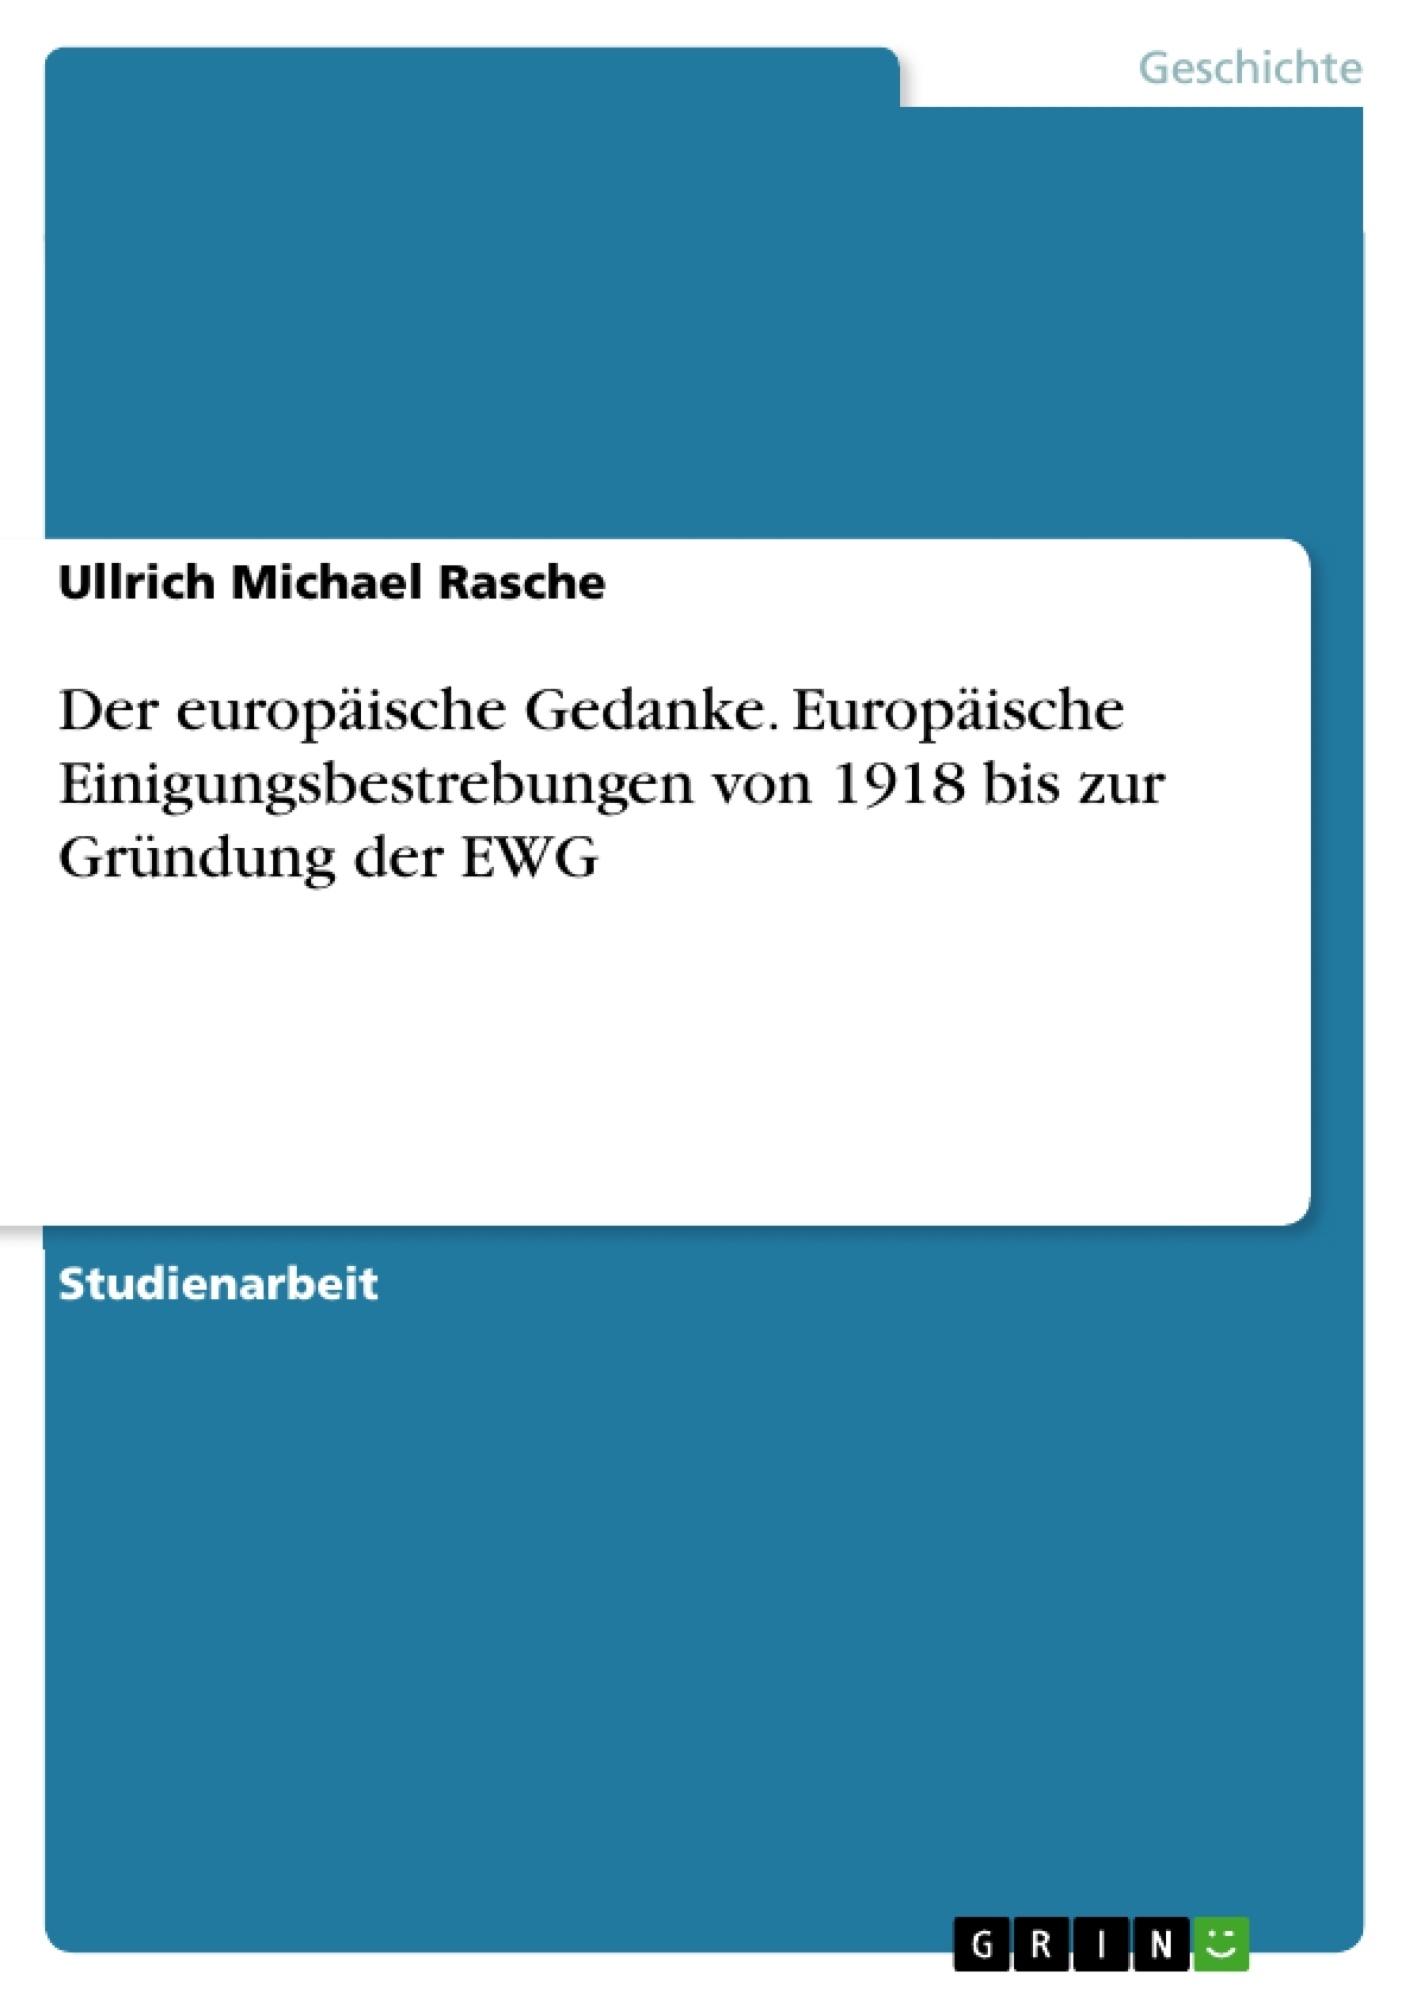 Titel: Der europäische Gedanke. Europäische Einigungsbestrebungen von 1918 bis zur Gründung der EWG